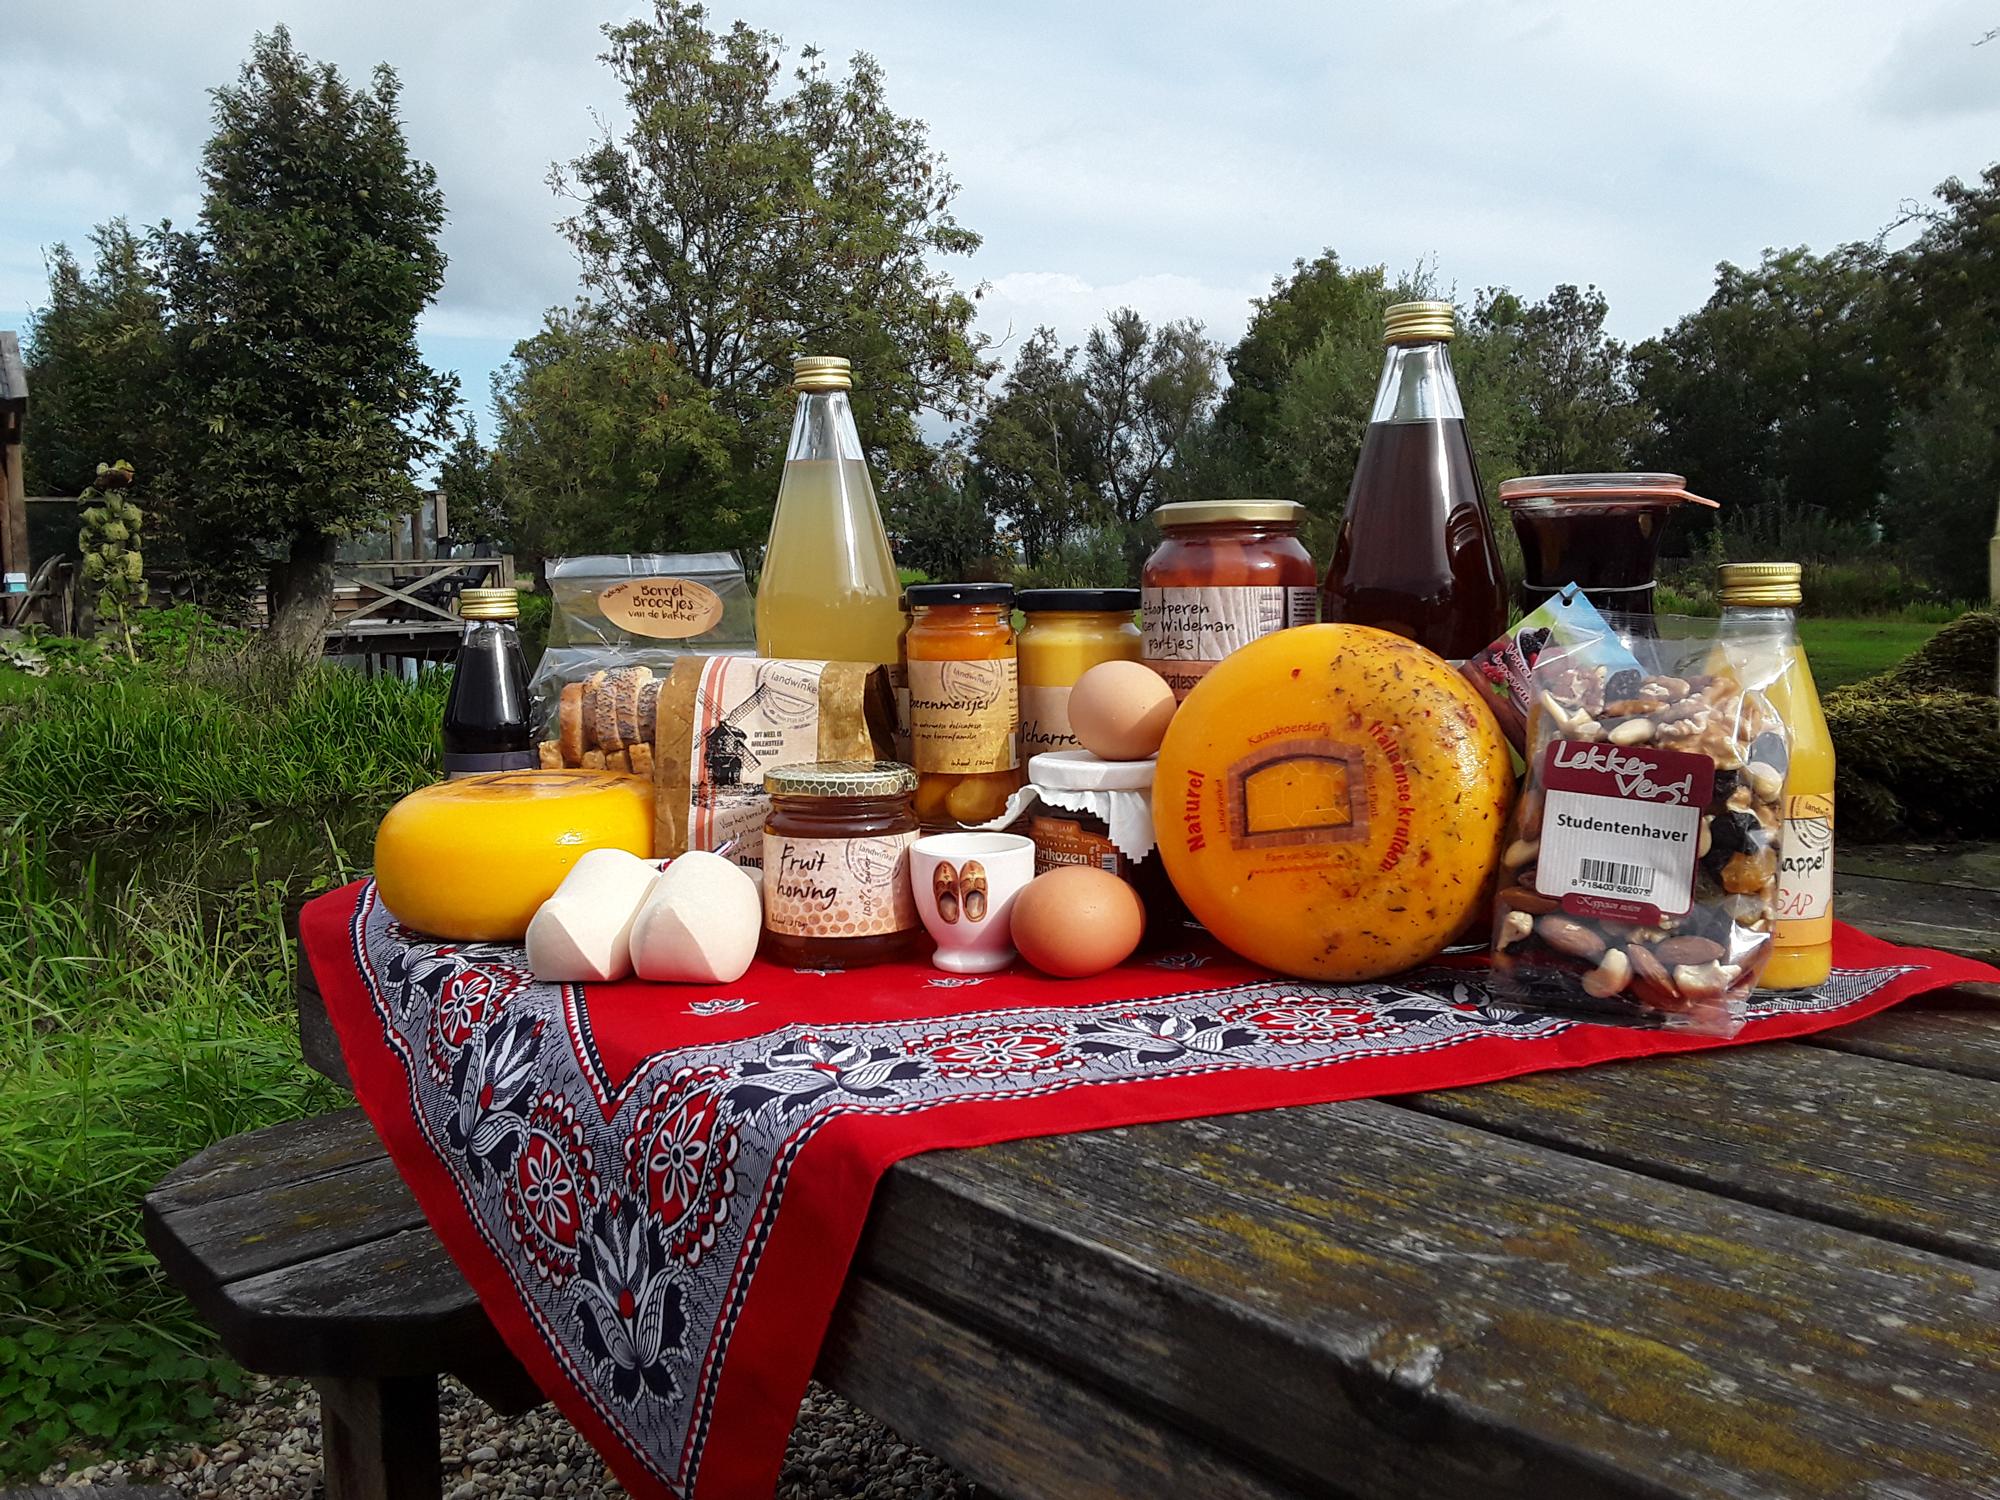 landwinkel lopikerwaard picknick streekprodukten streekproducten